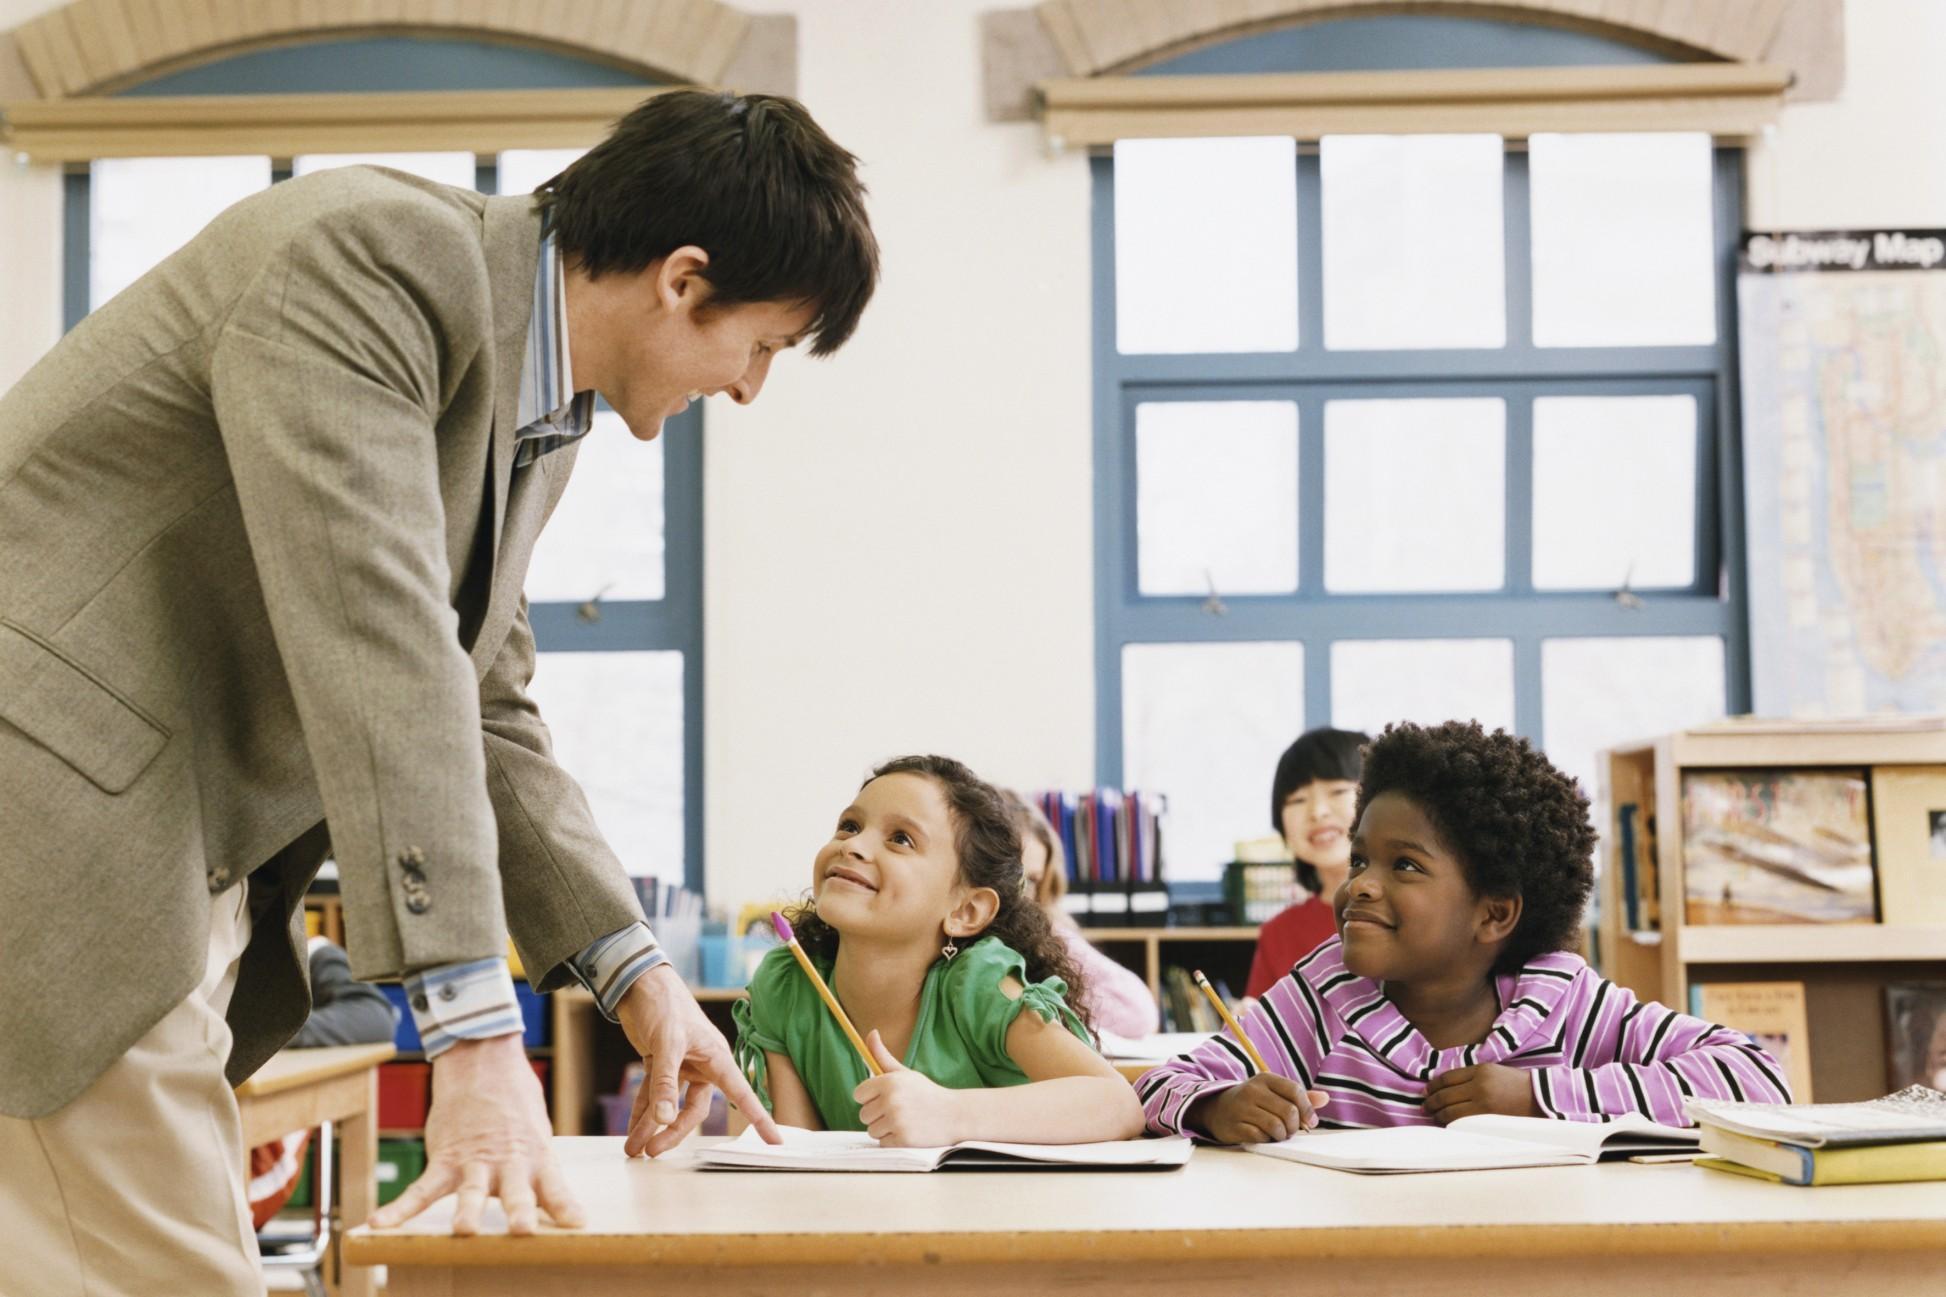 Migliaia di insegnanti della scuola primaria saranno licenziati anche se il loro diploma è valido per legge